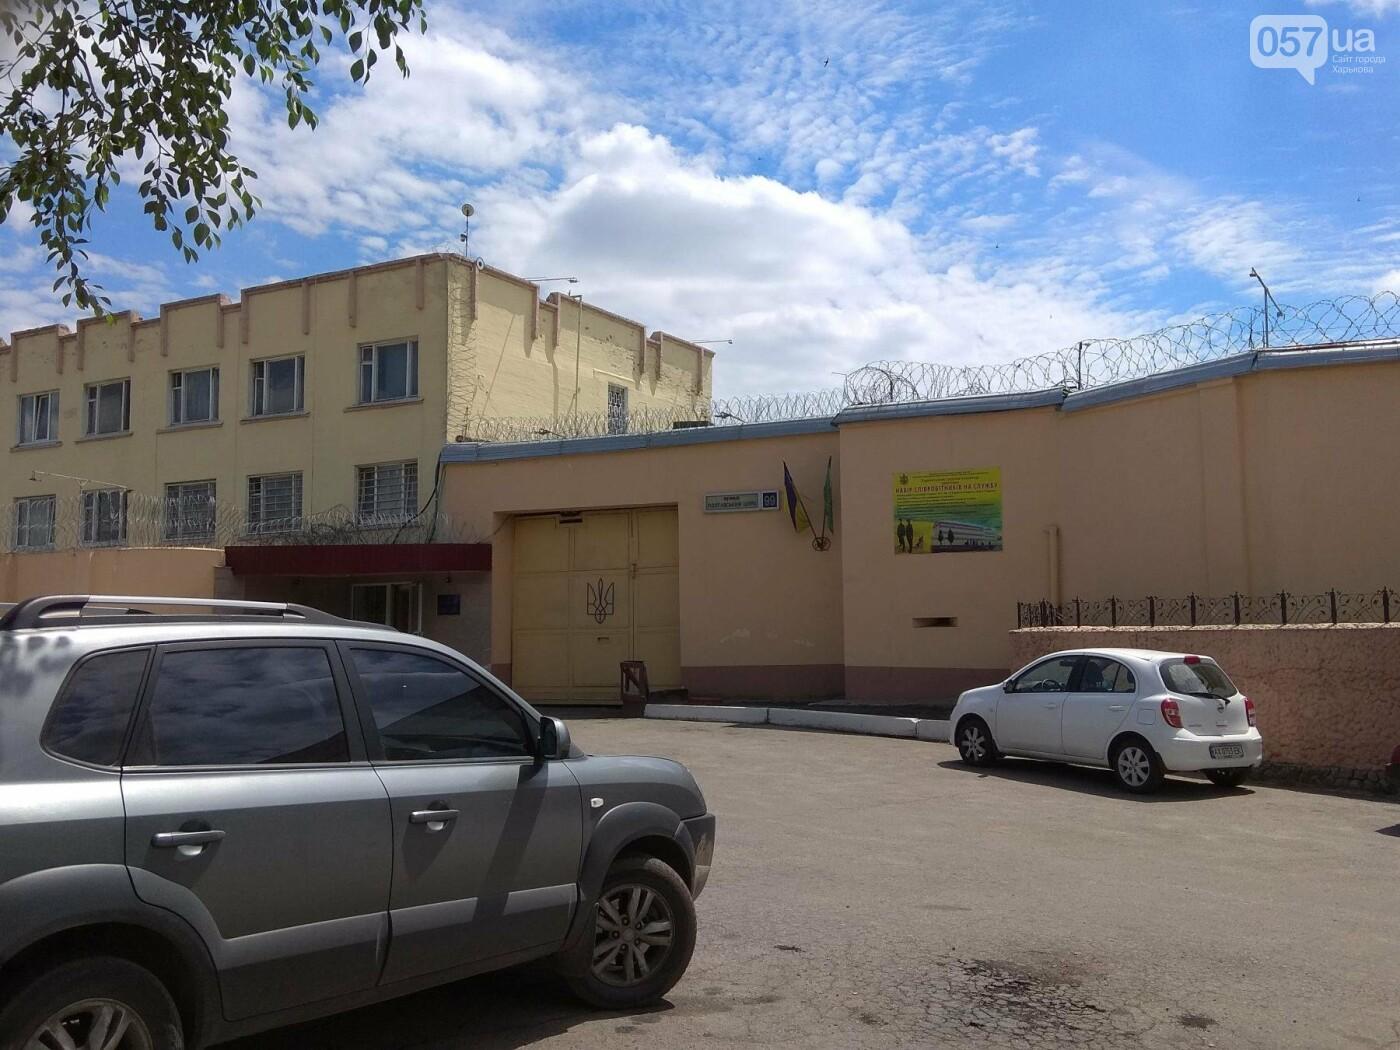 Общий душ, учебные классы и комната отдыха. В каких условиях содержат подростков в Харьковском СИЗО, - ФОТО, фото-6